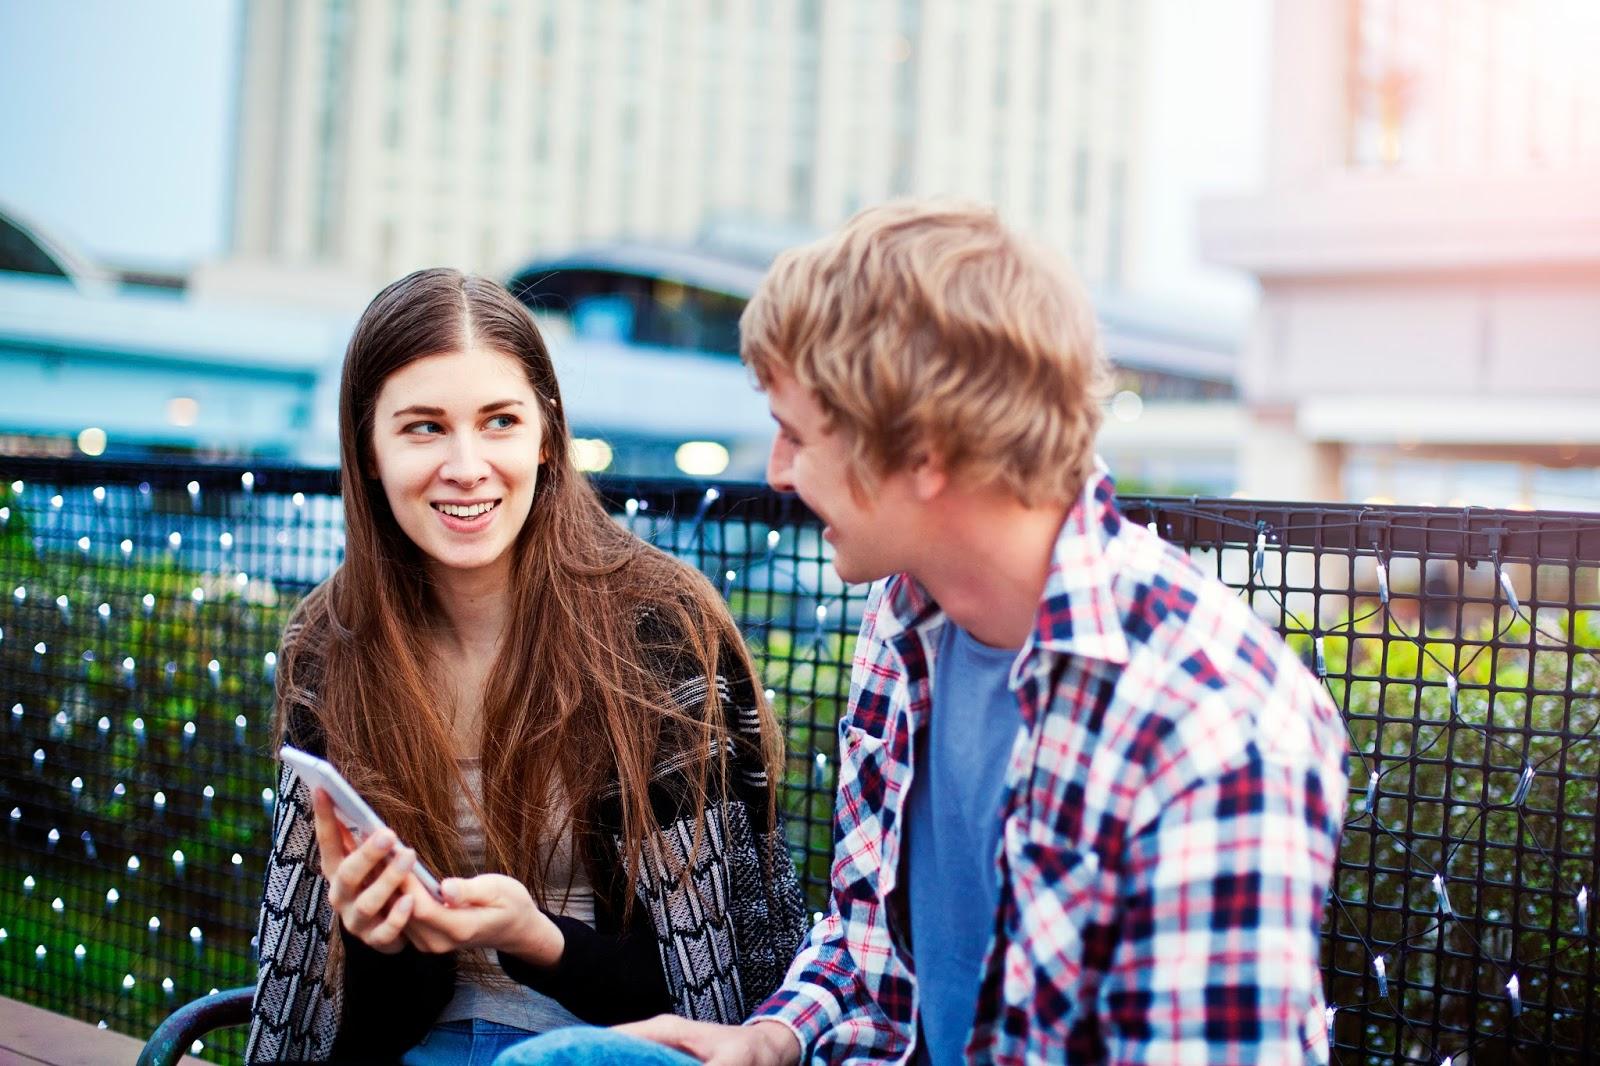 Internet dating tips for women